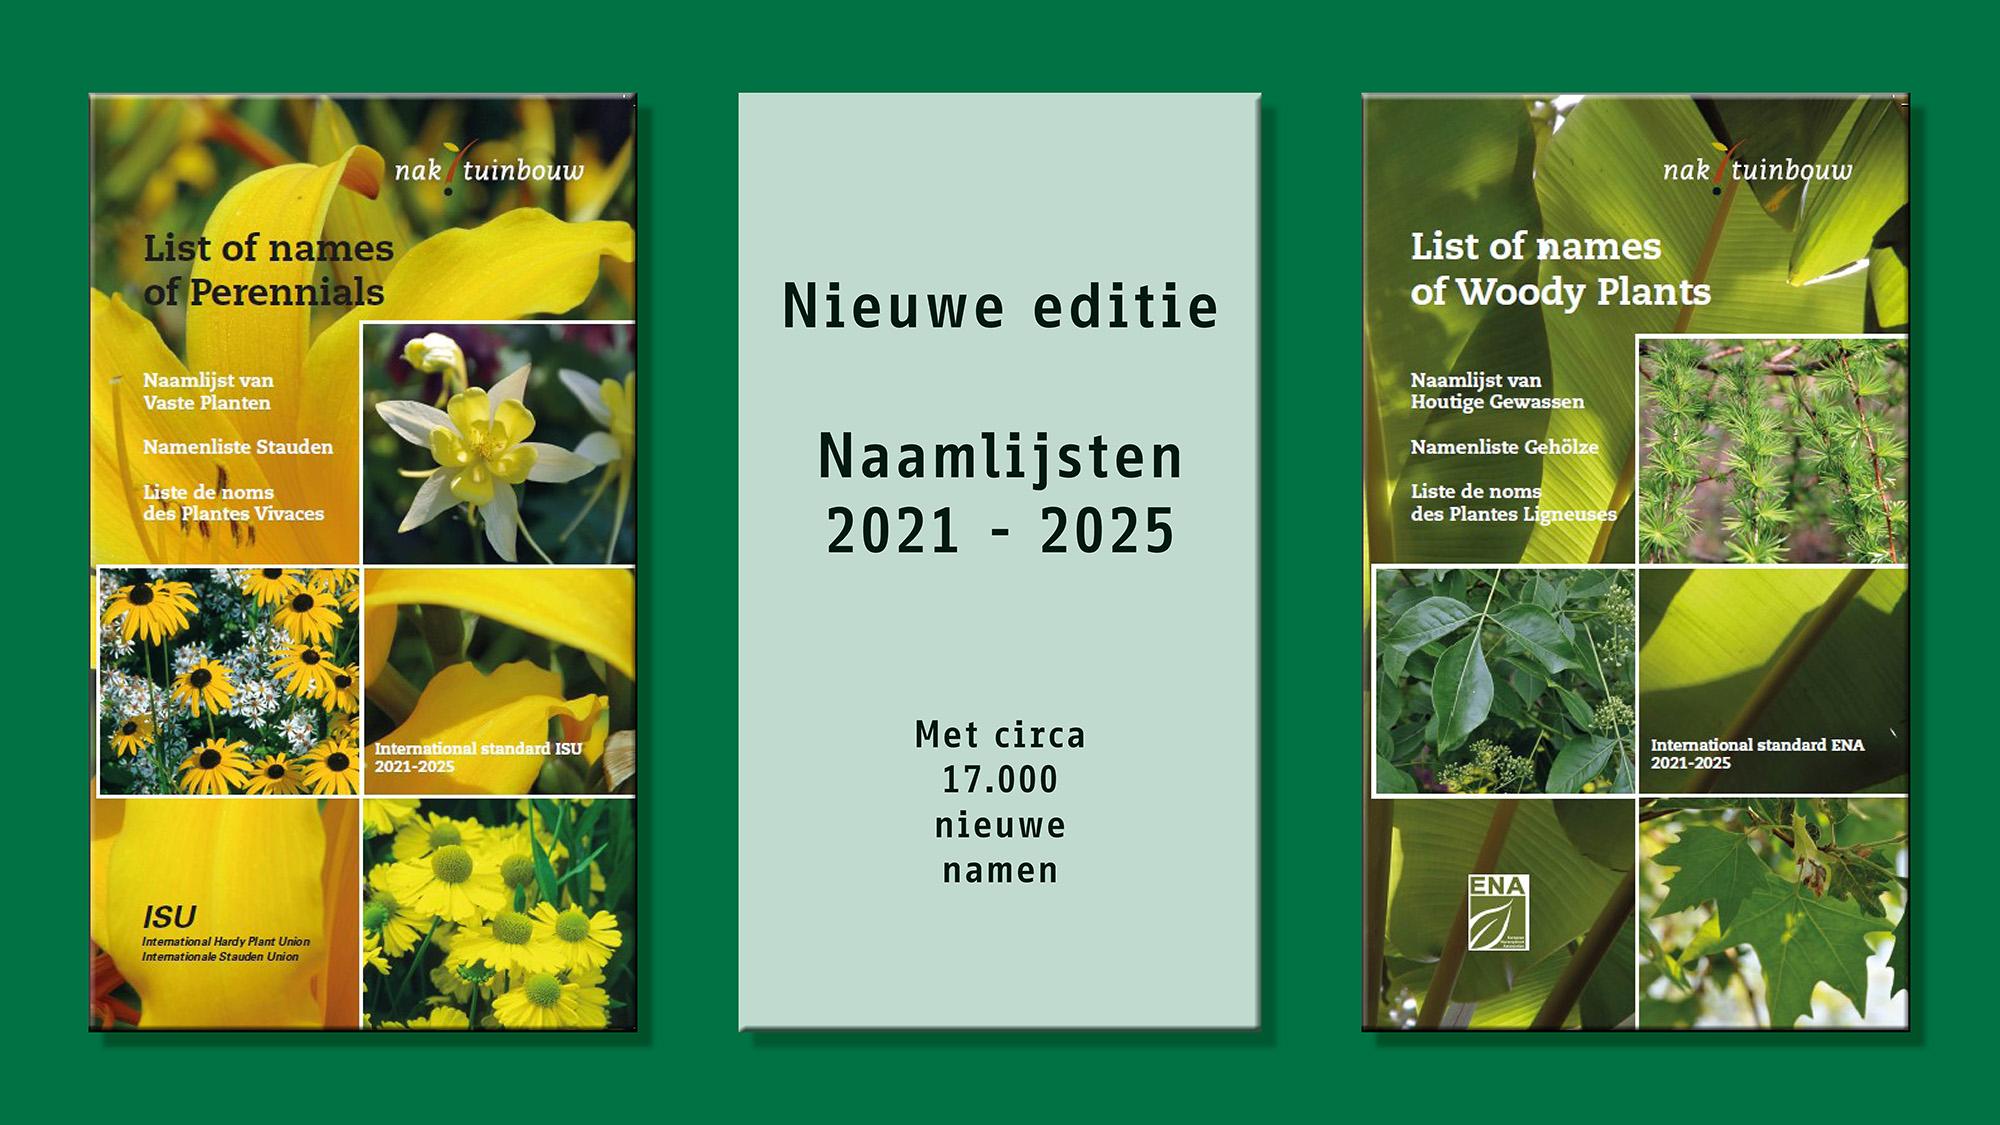 Nieuwe editie Naamlijsten houtige gewassen en vaste planten